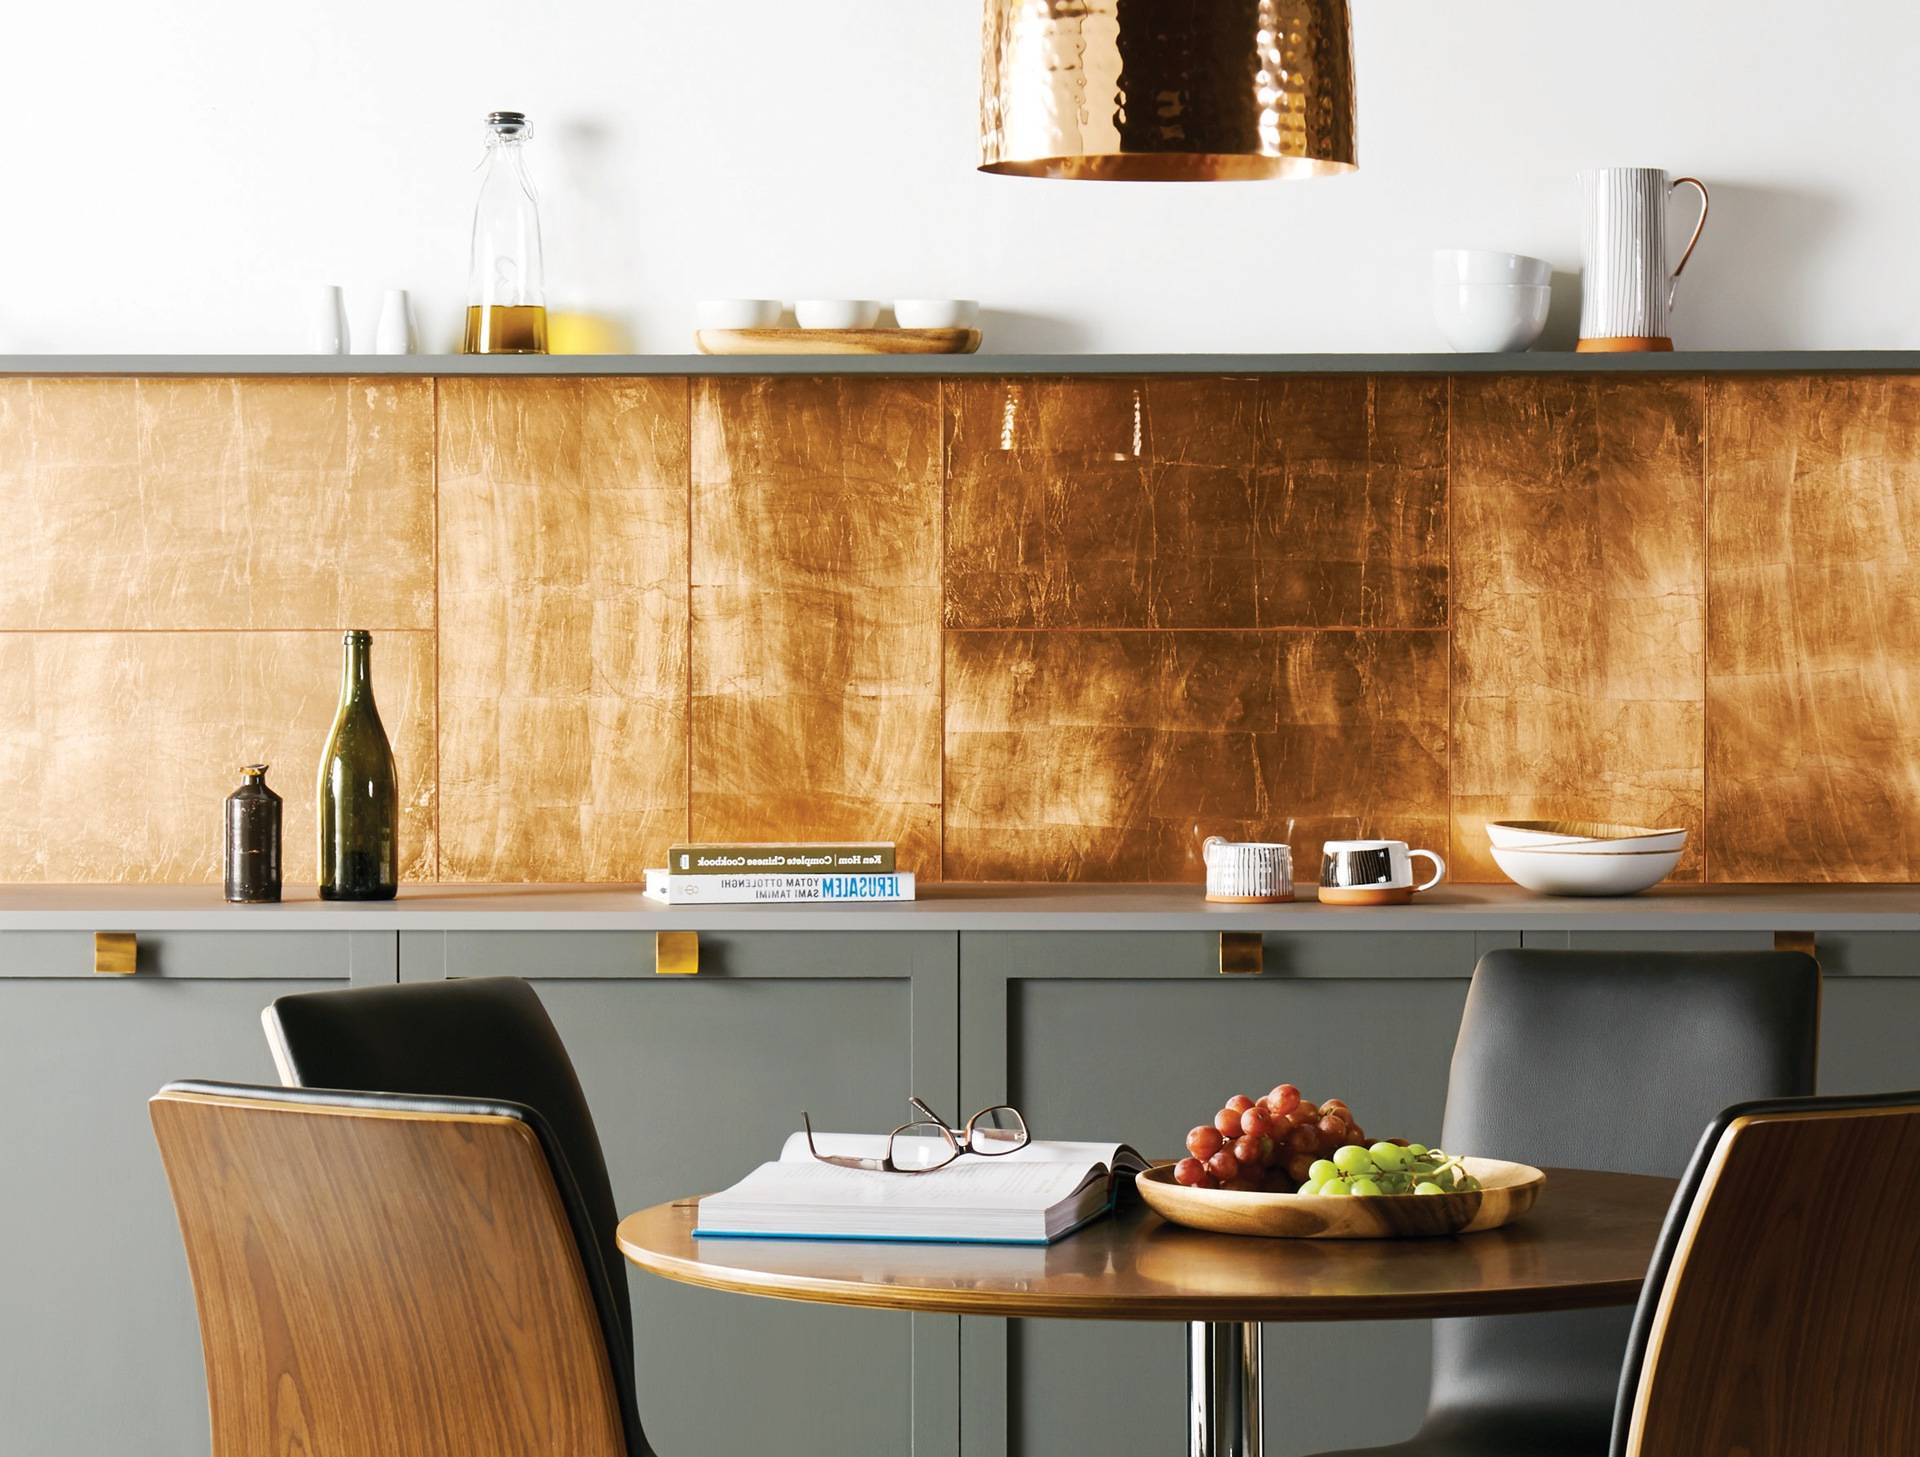 Металлический декор на кухне - как реализовать последние тенденции в интерьере?